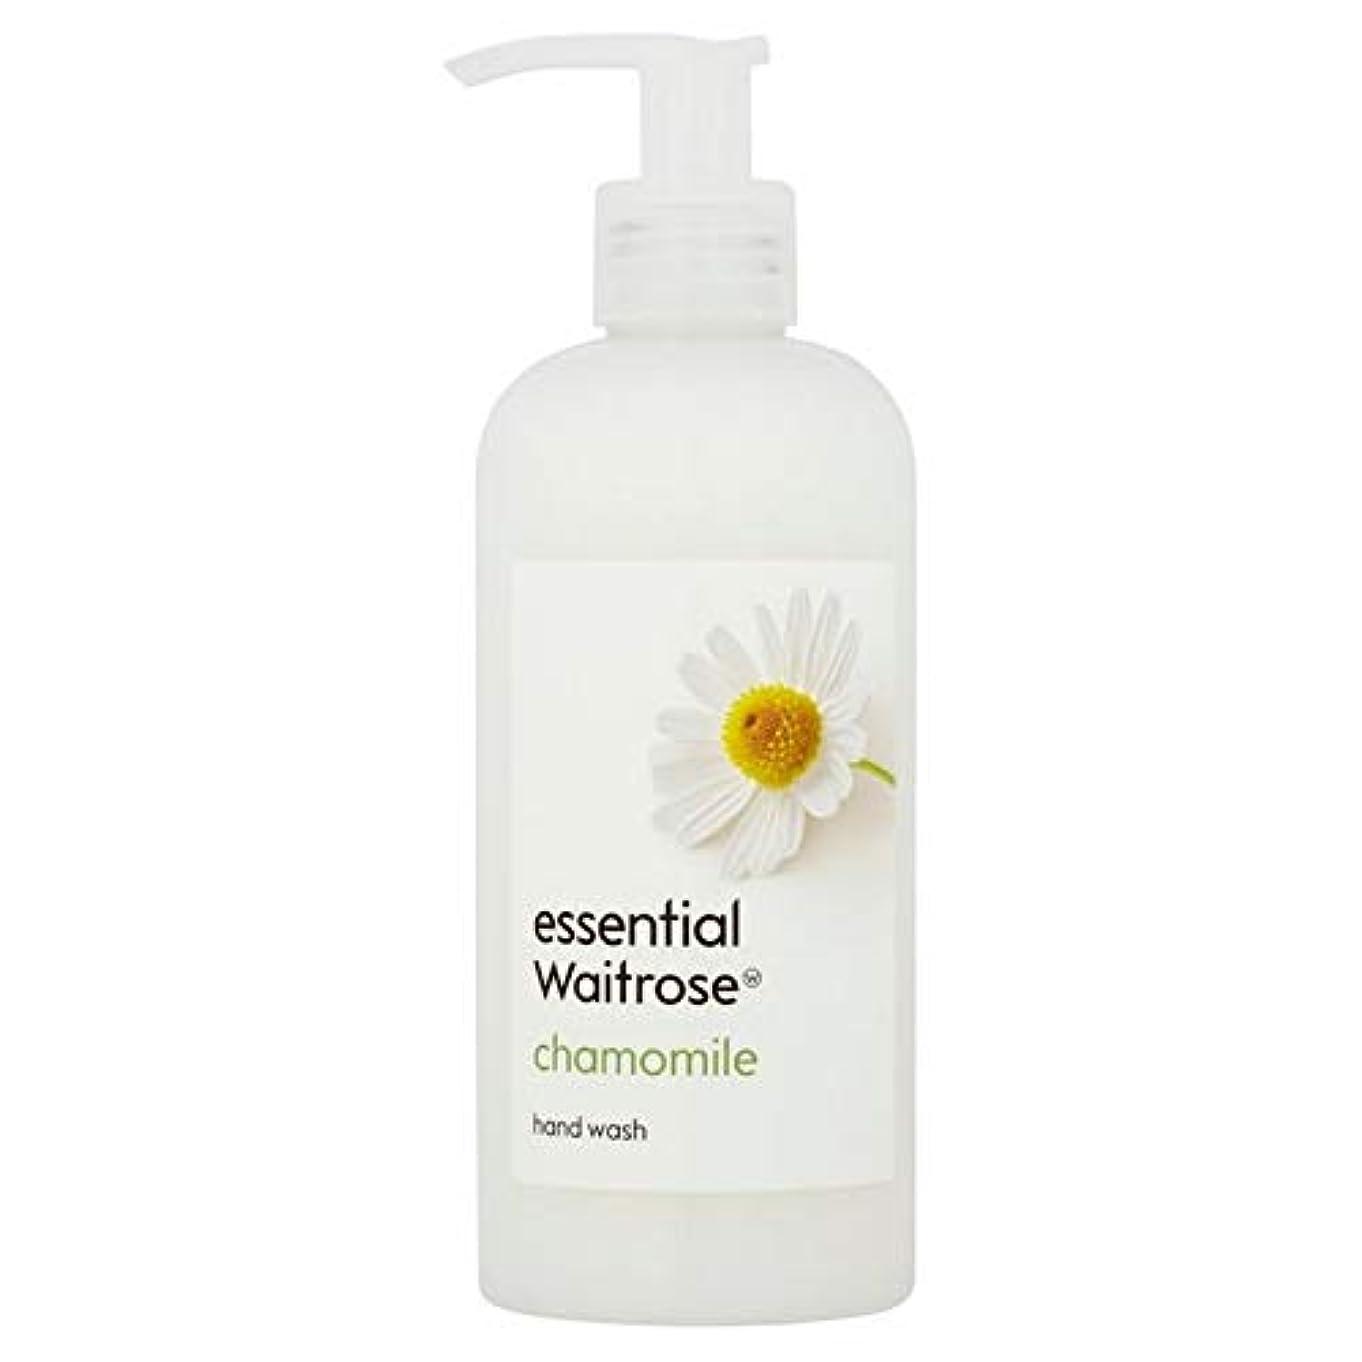 比喩と仲人[Waitrose ] 基本的なウェイトローズのハンドウォッシュカモミール300ミリリットル - Essential Waitrose Hand Wash Chamomile 300ml [並行輸入品]